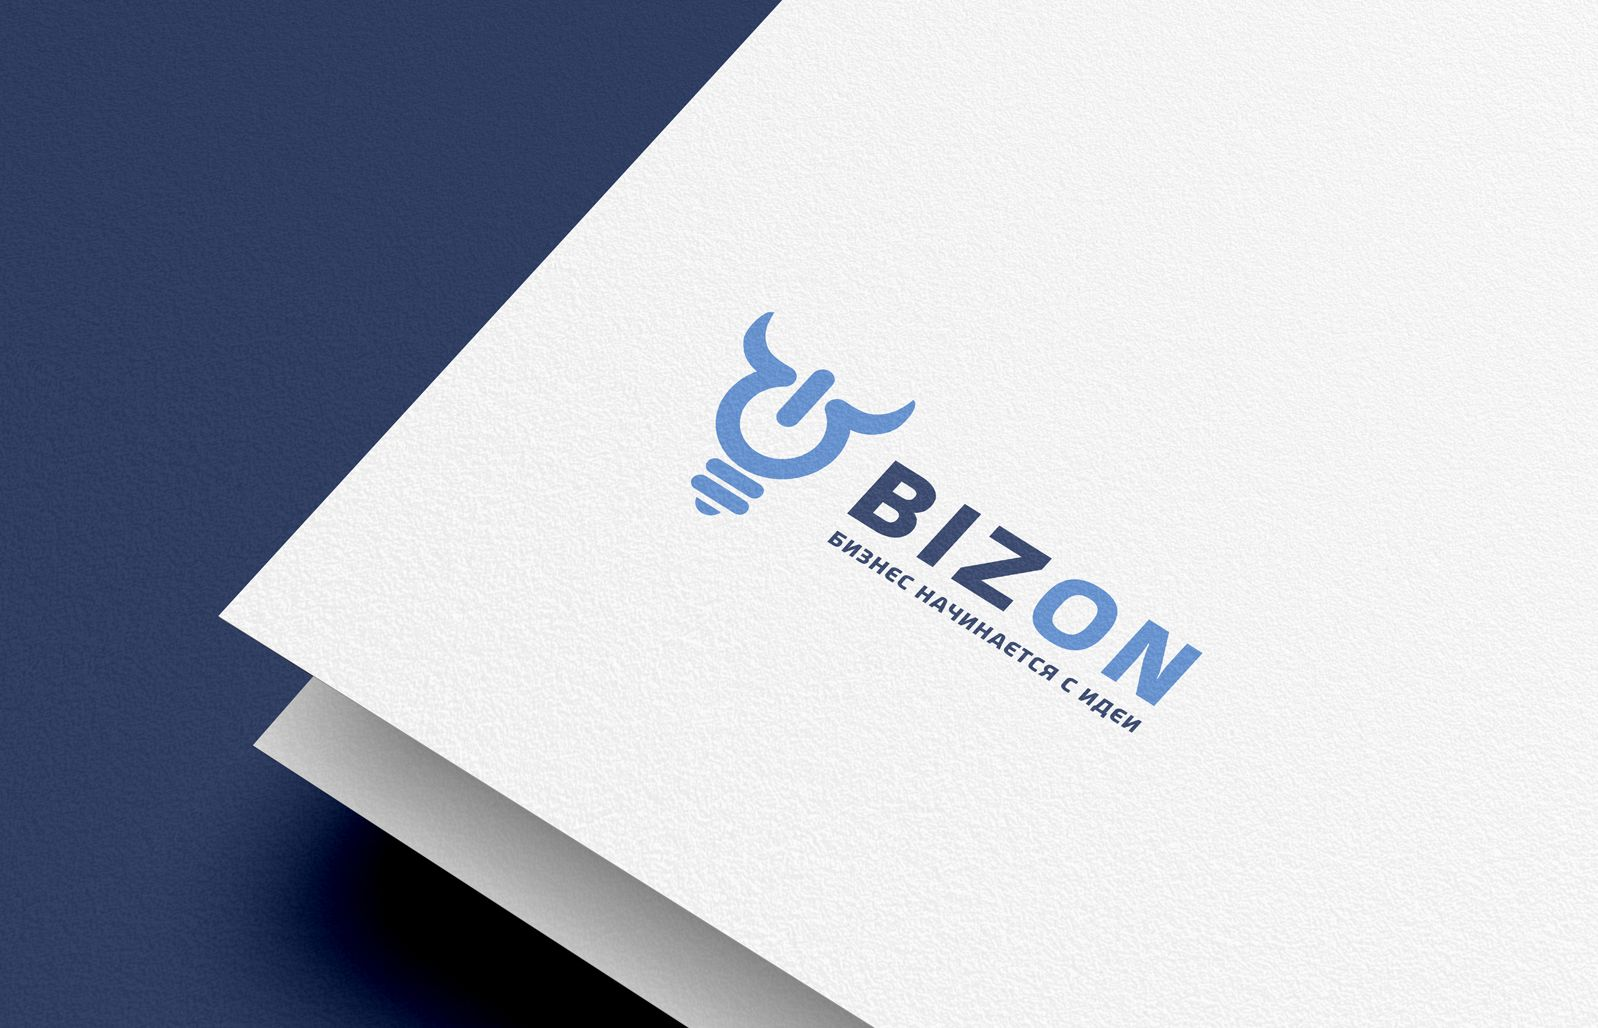 Логотип для Логотип для сервиса по поиску идей бизнеса